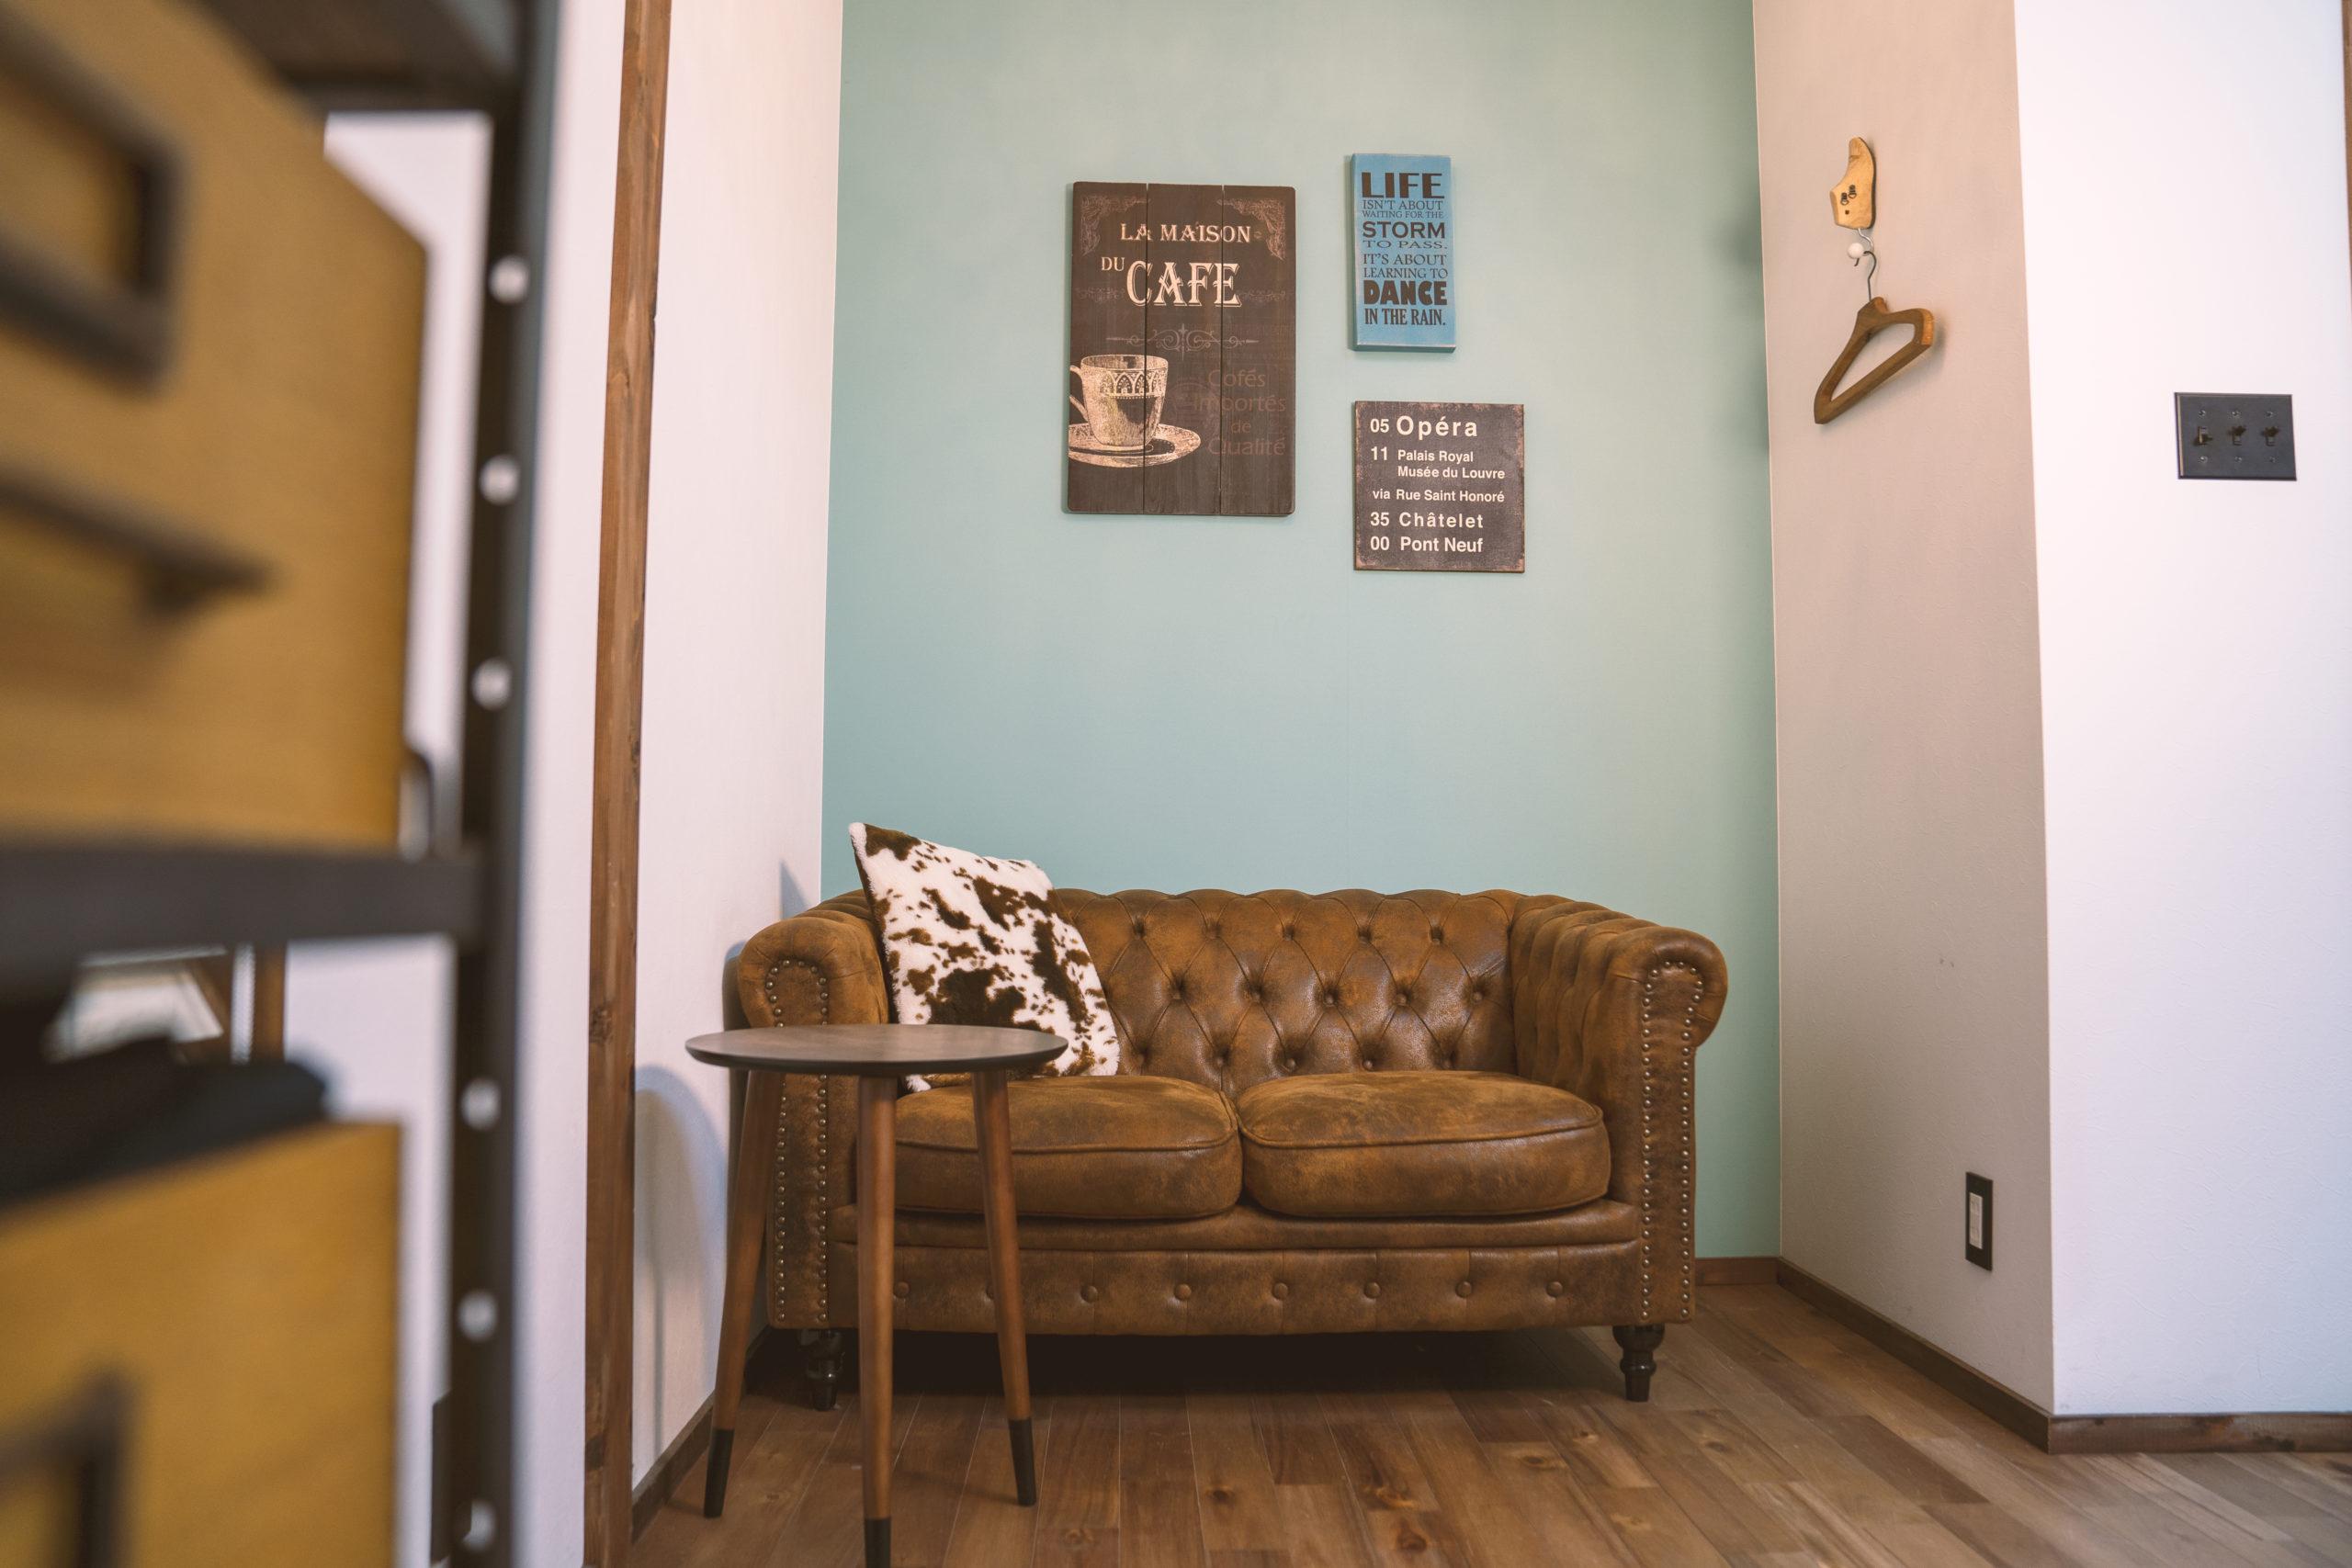 ウッドのフローリングにヴィンテージ感のあるブラウンの革製のソファがあり、淡いエメラルドグリーンの壁紙には木製の看板が飾られている店内の様子